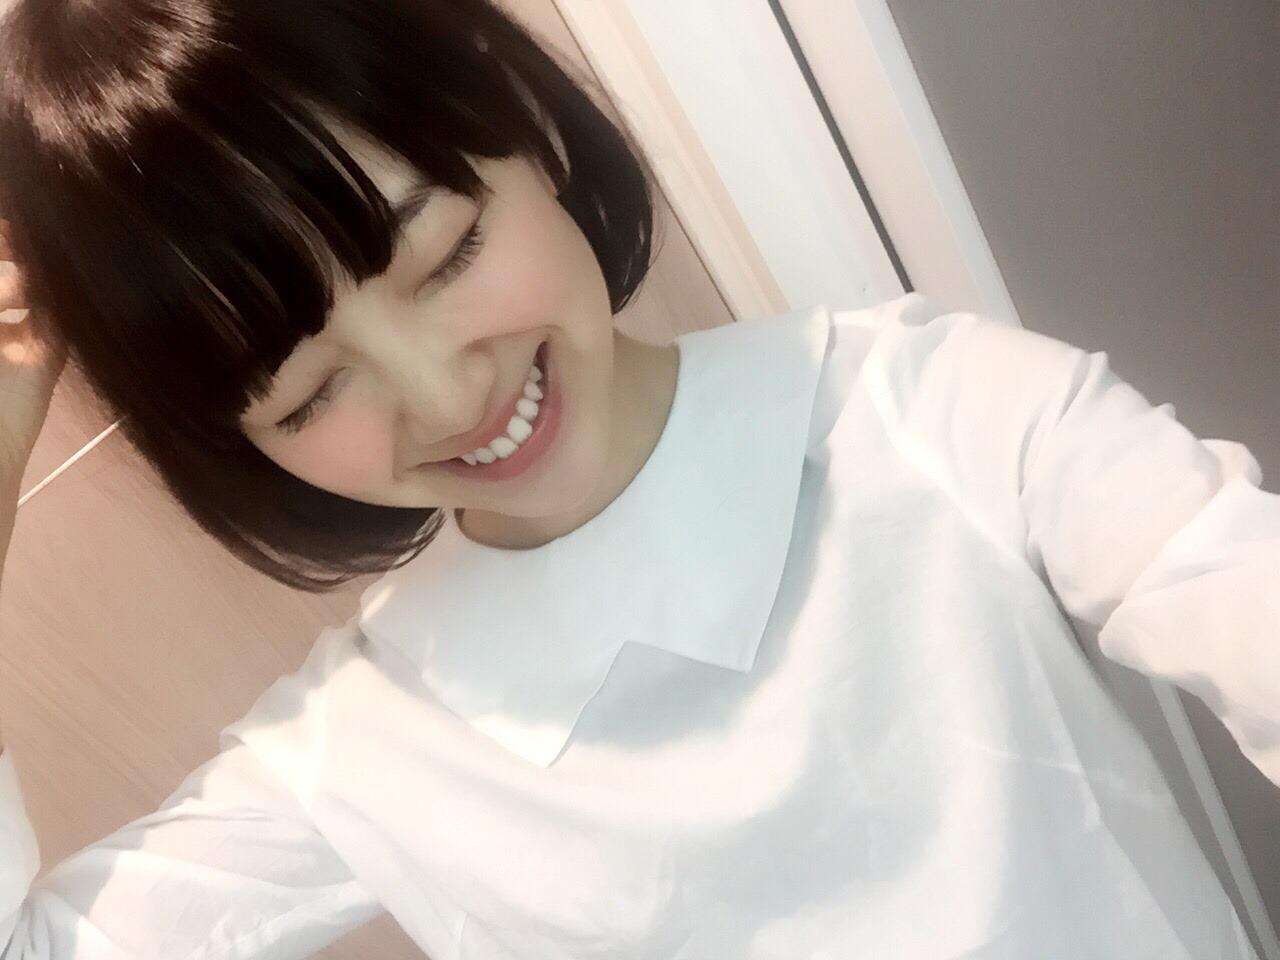 乃木坂46 堀未央奈 髪を切るショートボブ (6)